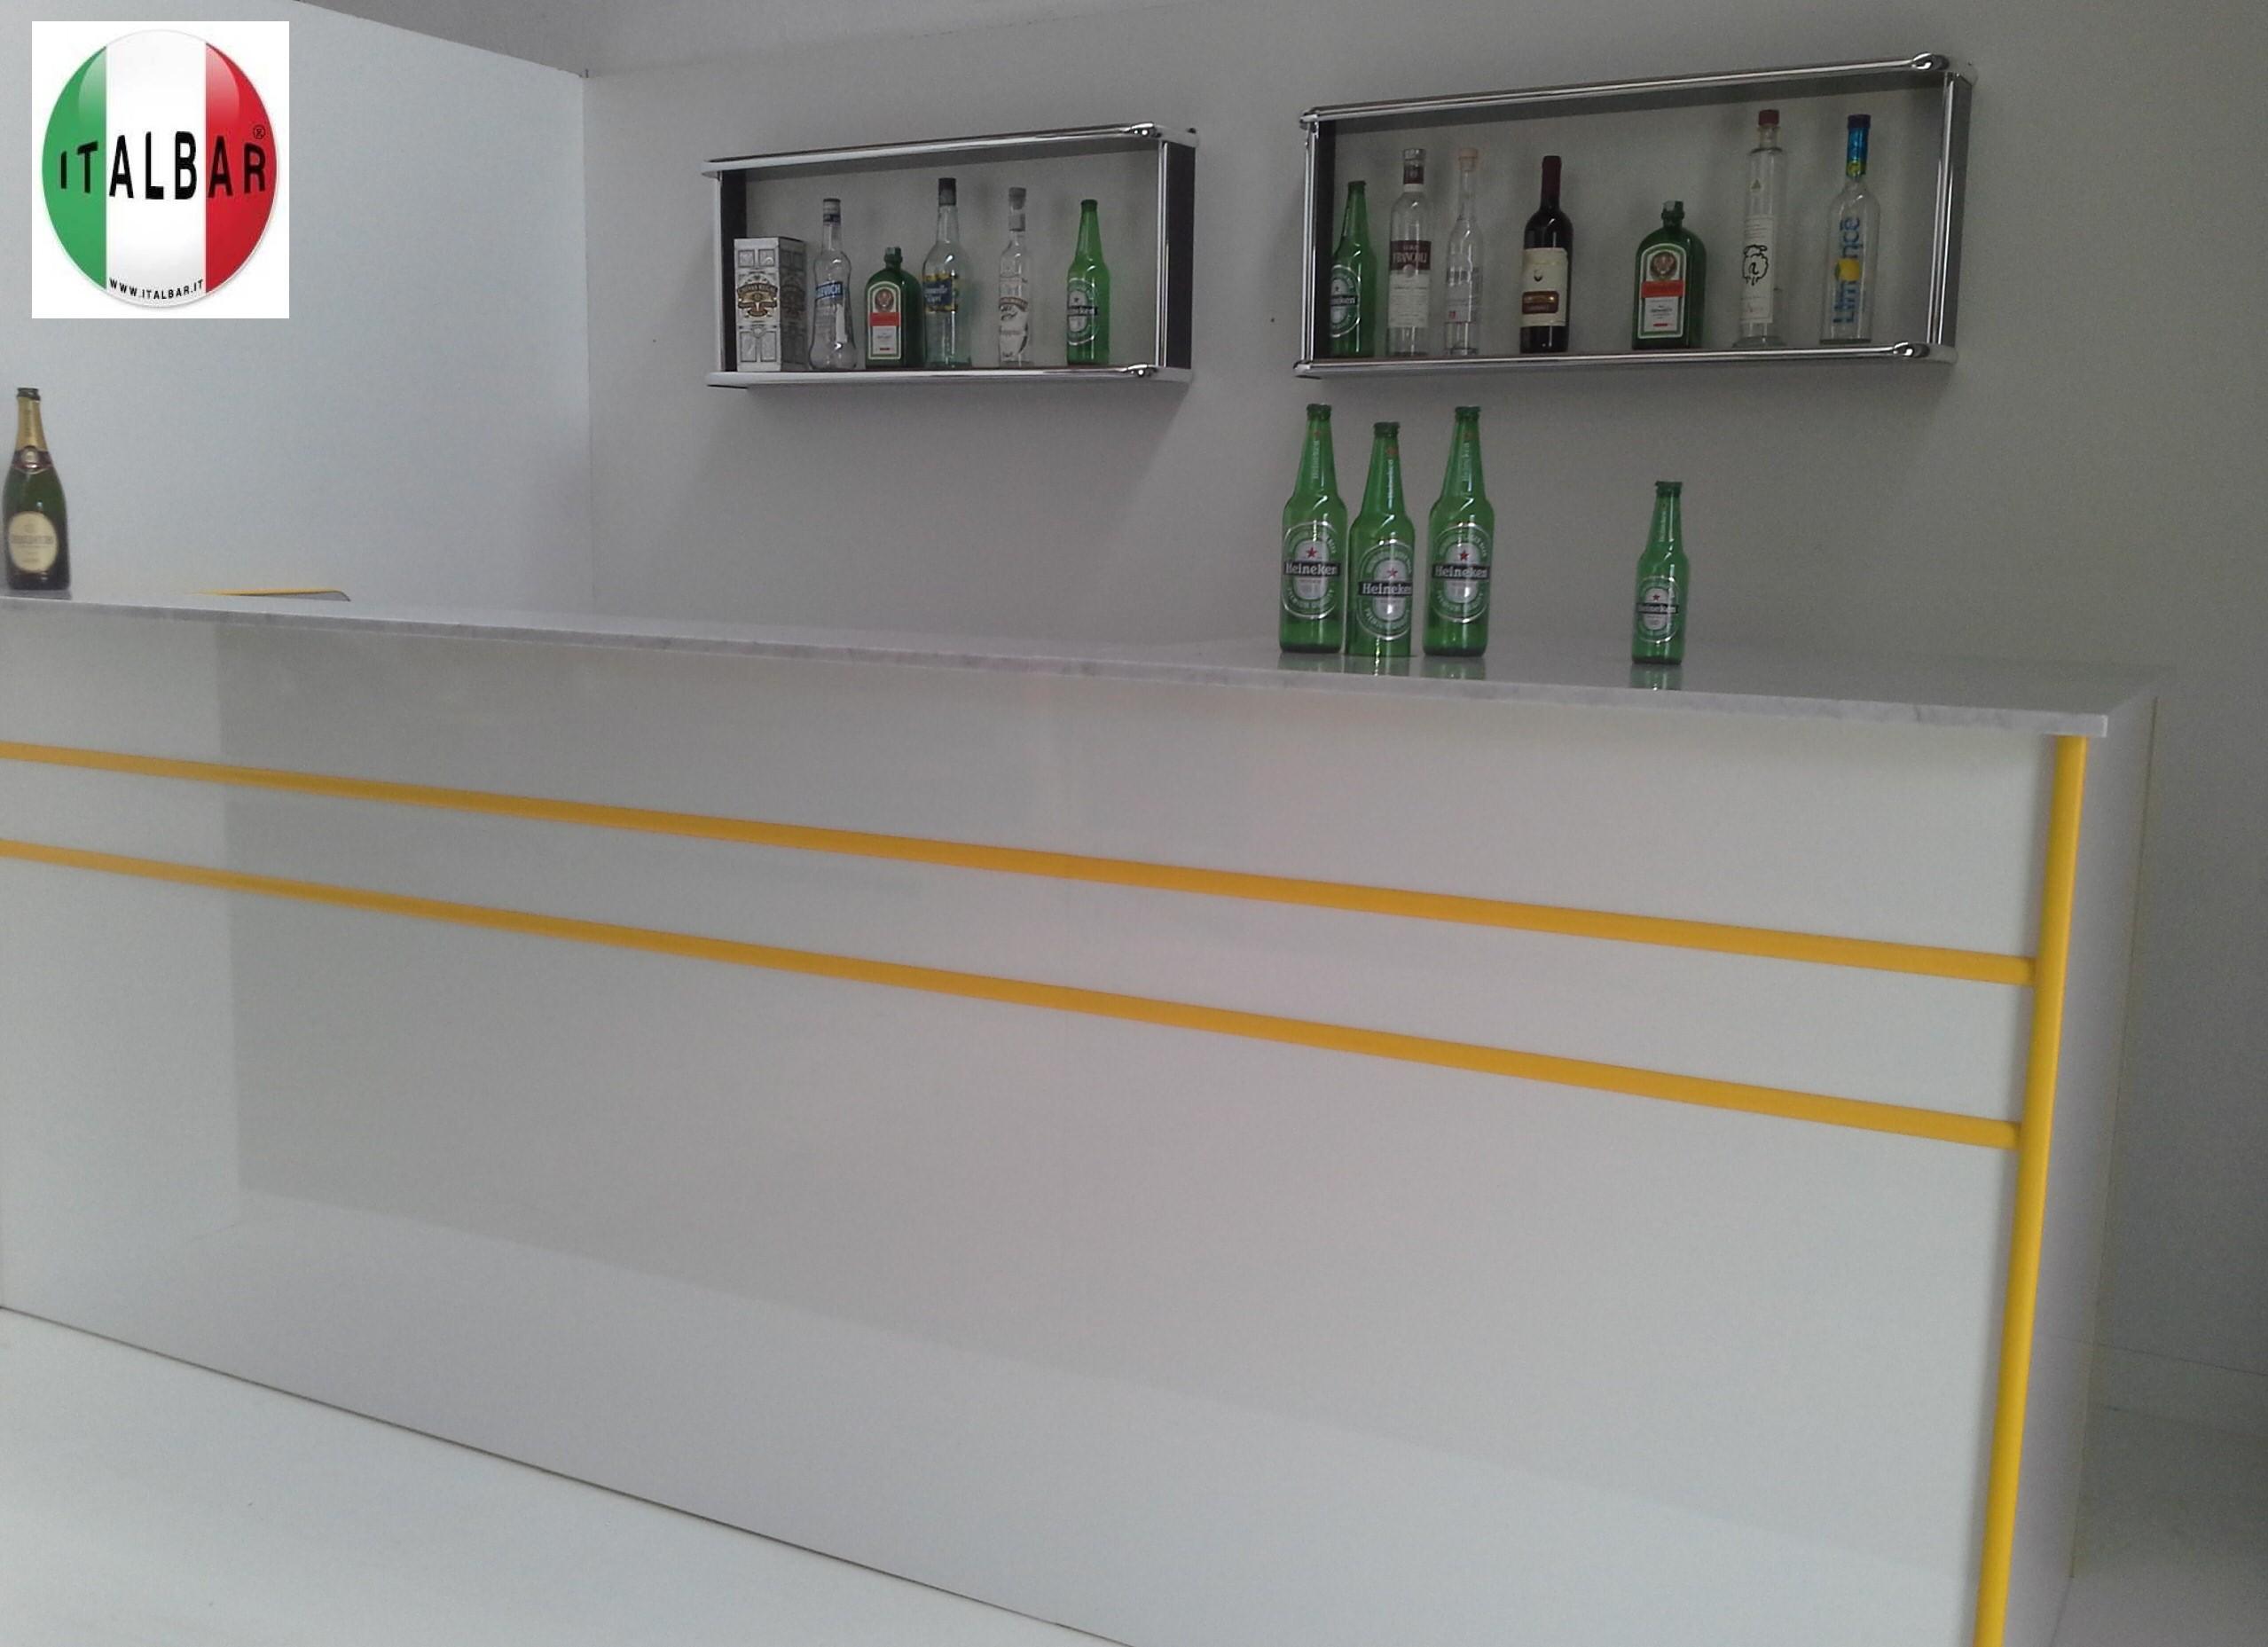 Banco bar Summer